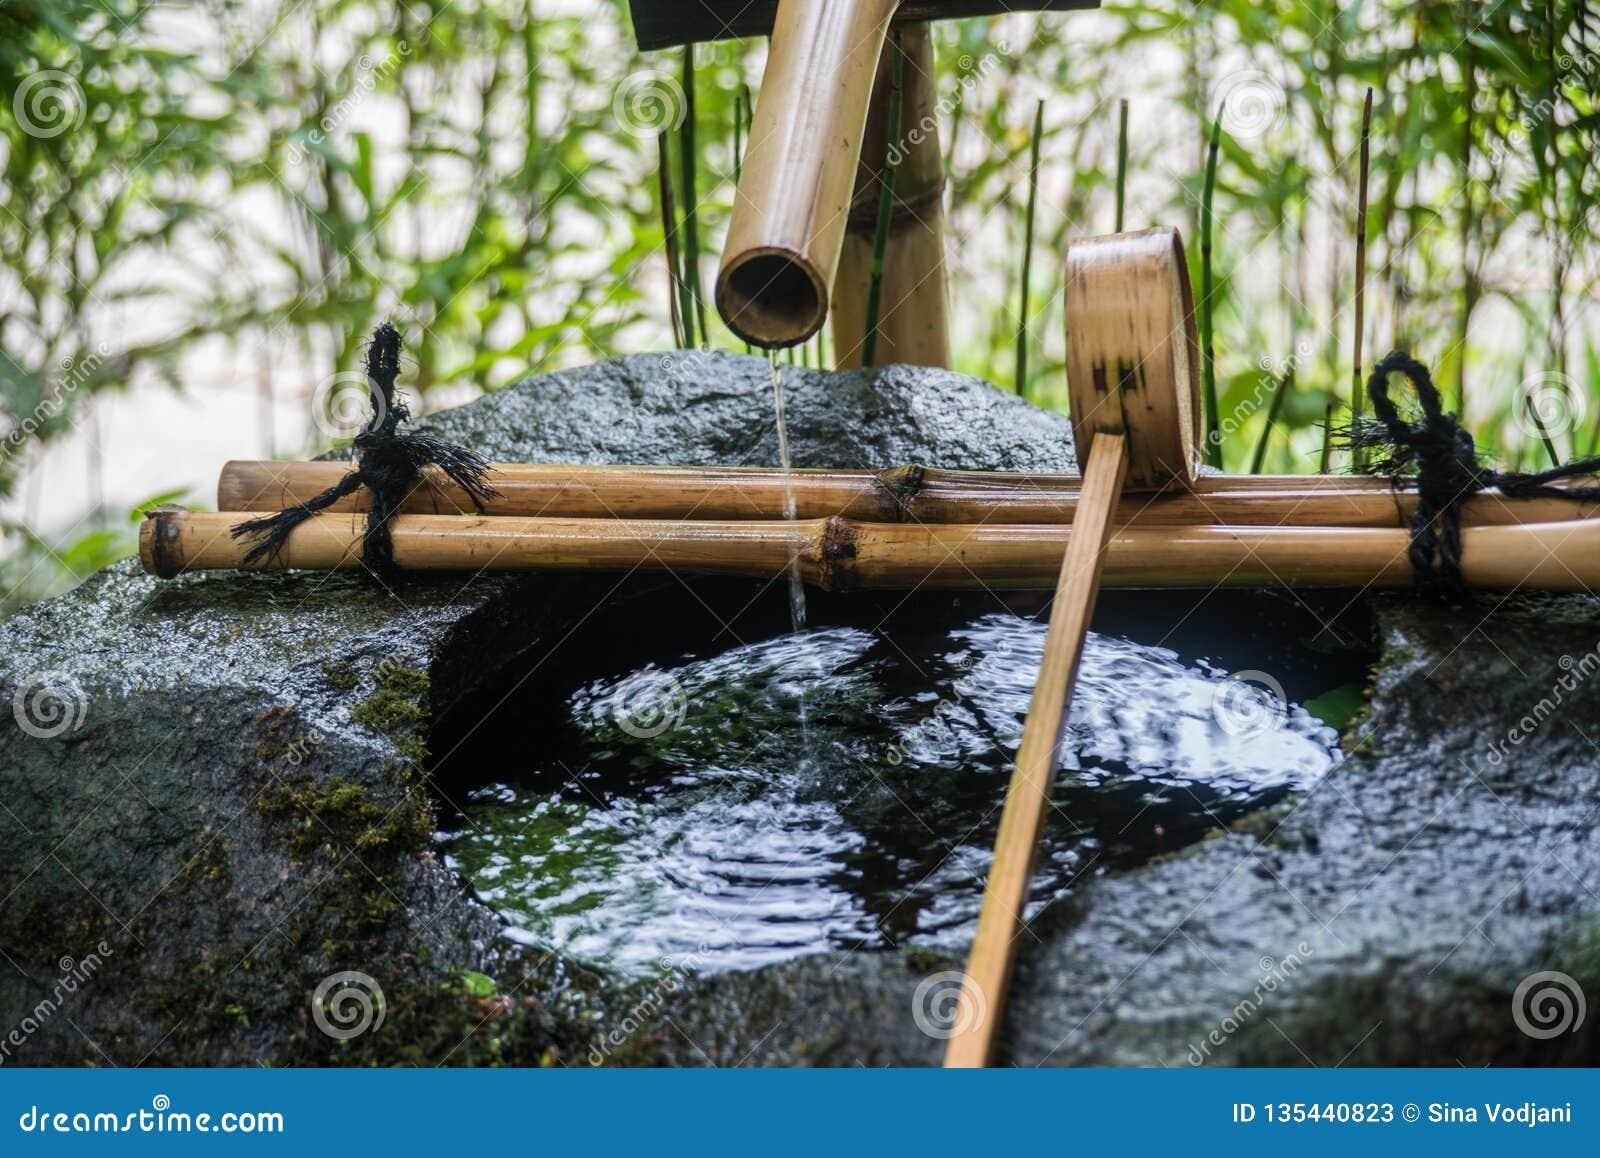 Água deixando cair da fonte do rito da purificação de Temizuya